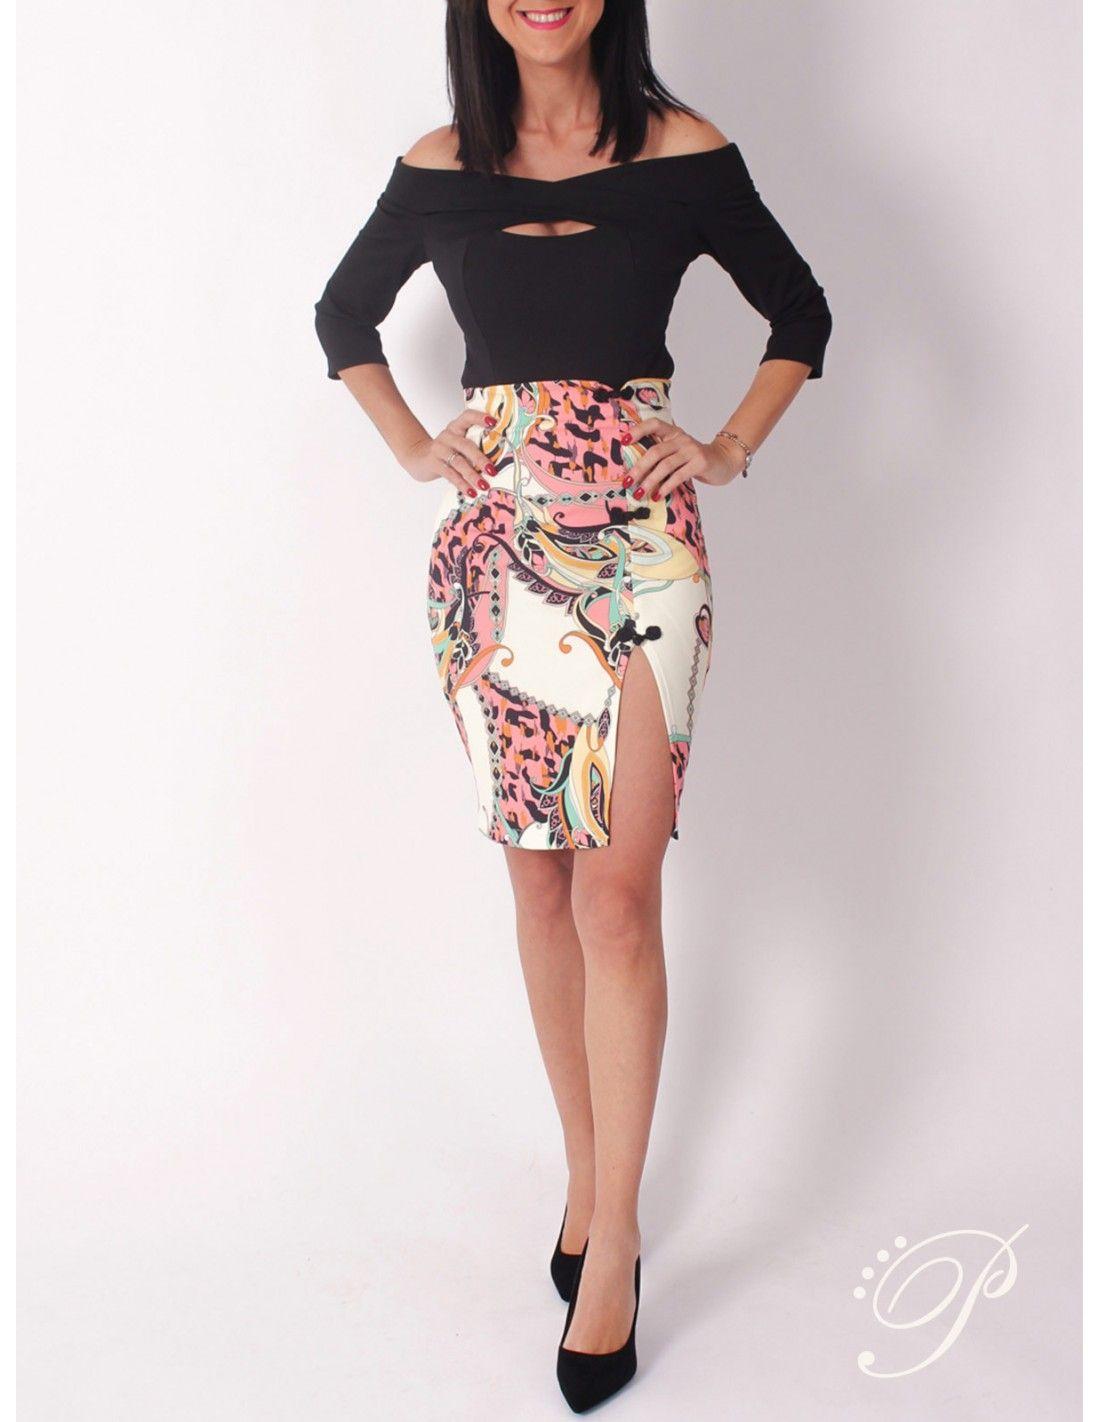 e5b7b2441 Faldas Estilo Sirena Cortas | Wig Elegance